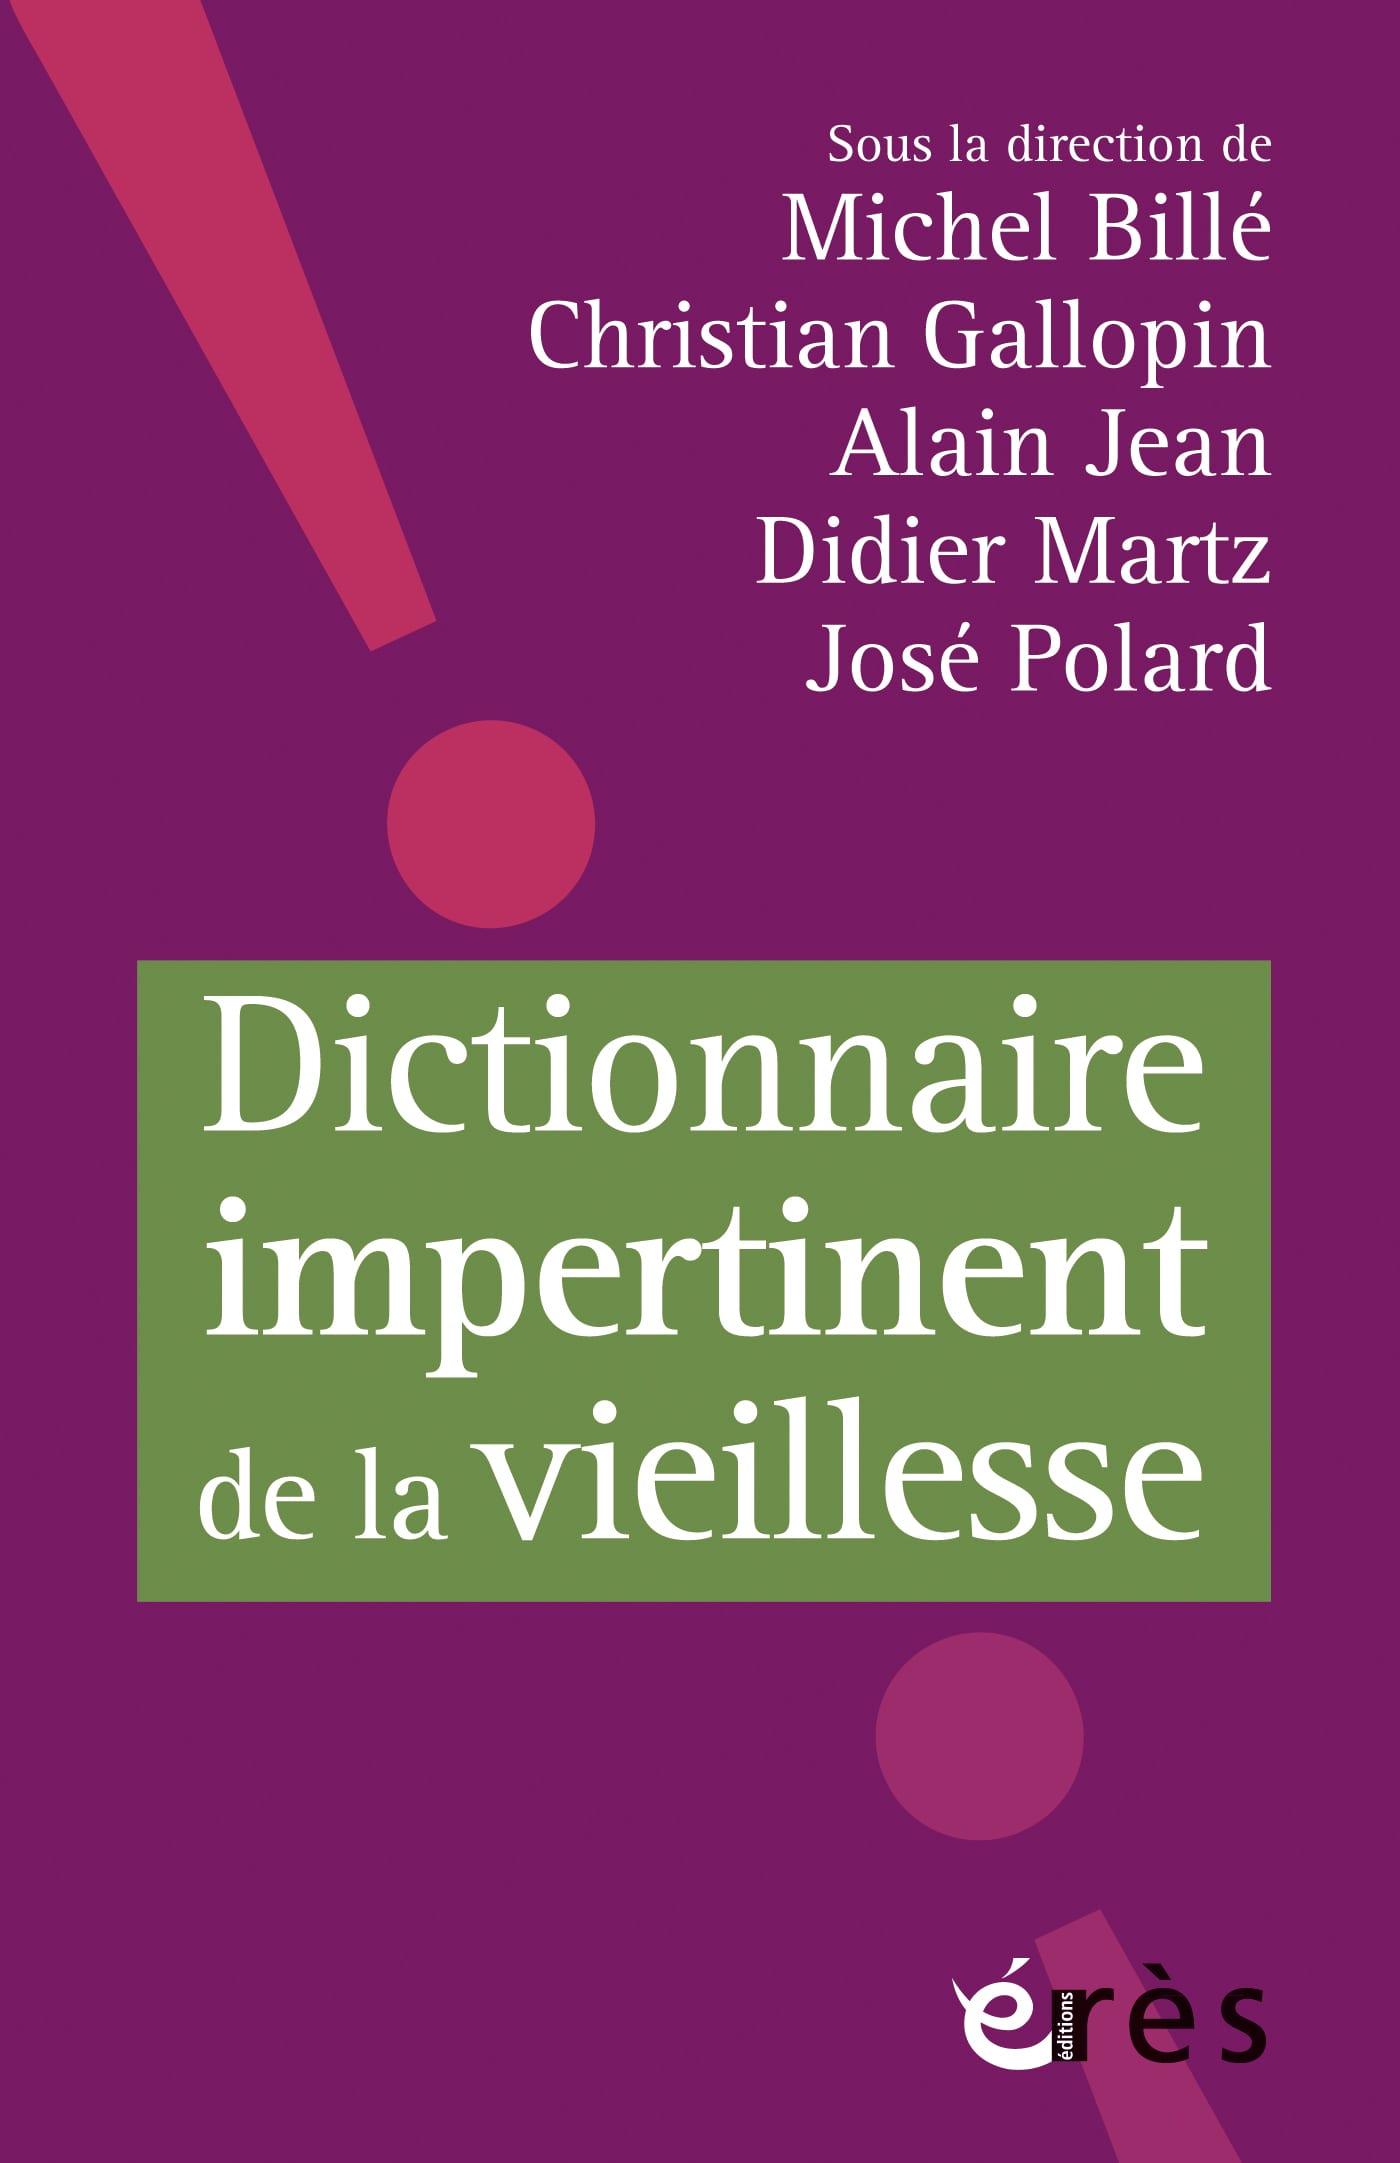 Livre Dictionnaire impertinent de la vieillesse